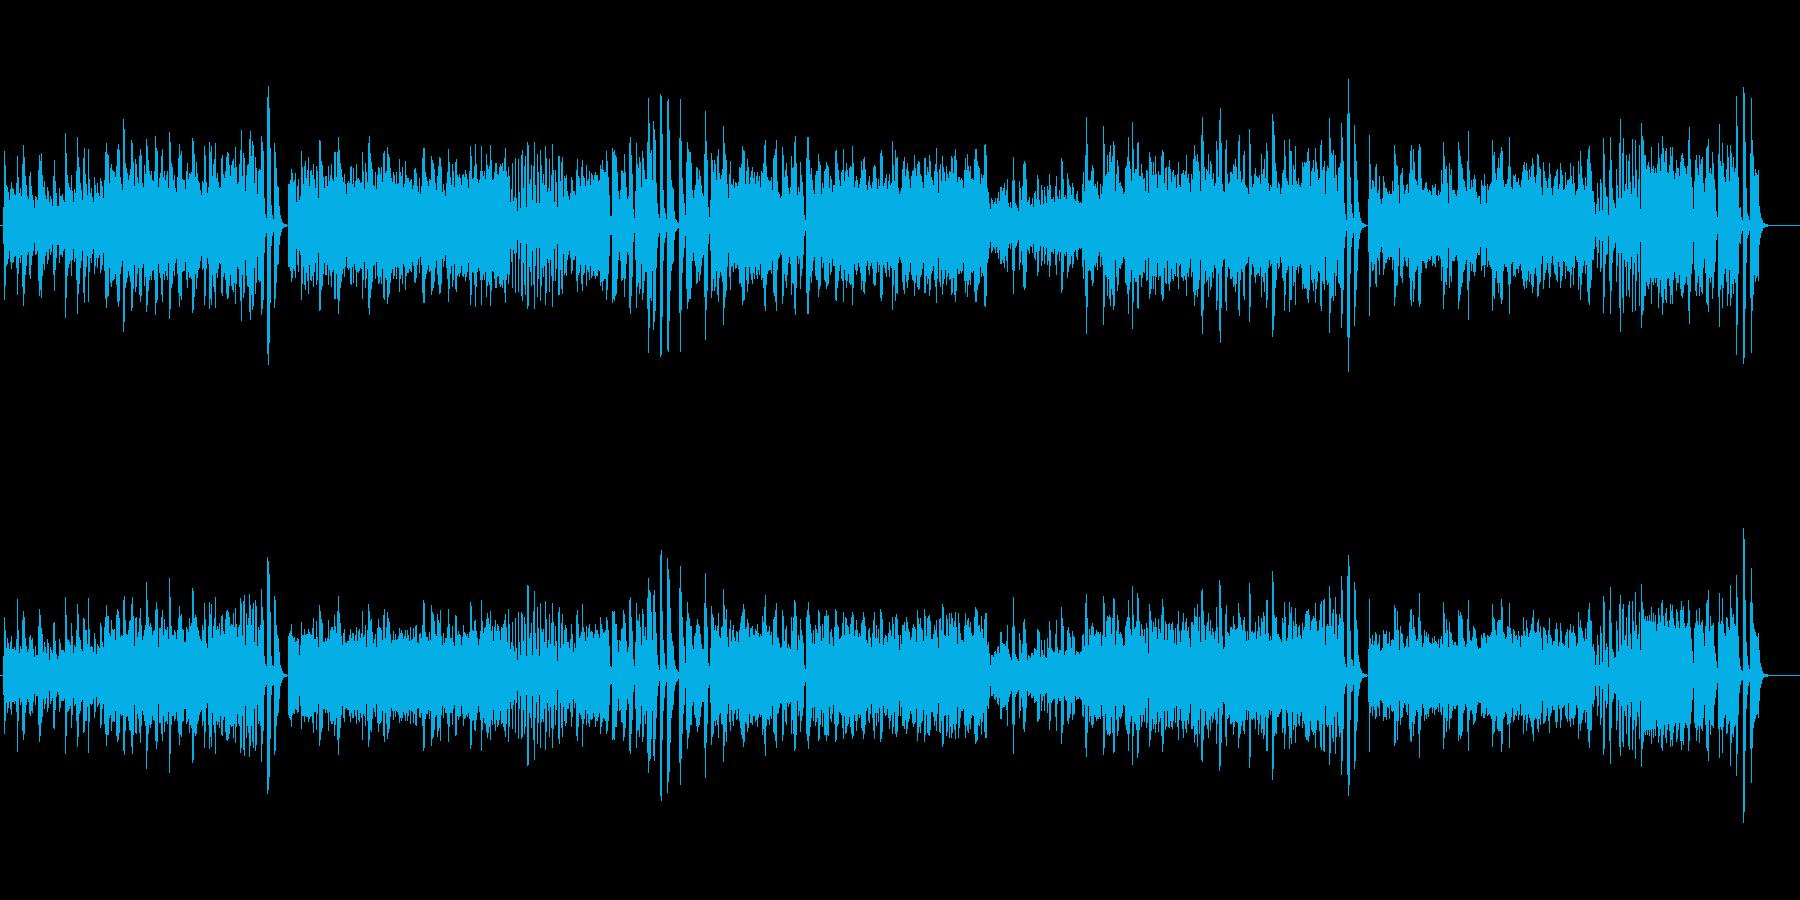 モーツァルトのピアノソナタをピアノ演奏での再生済みの波形